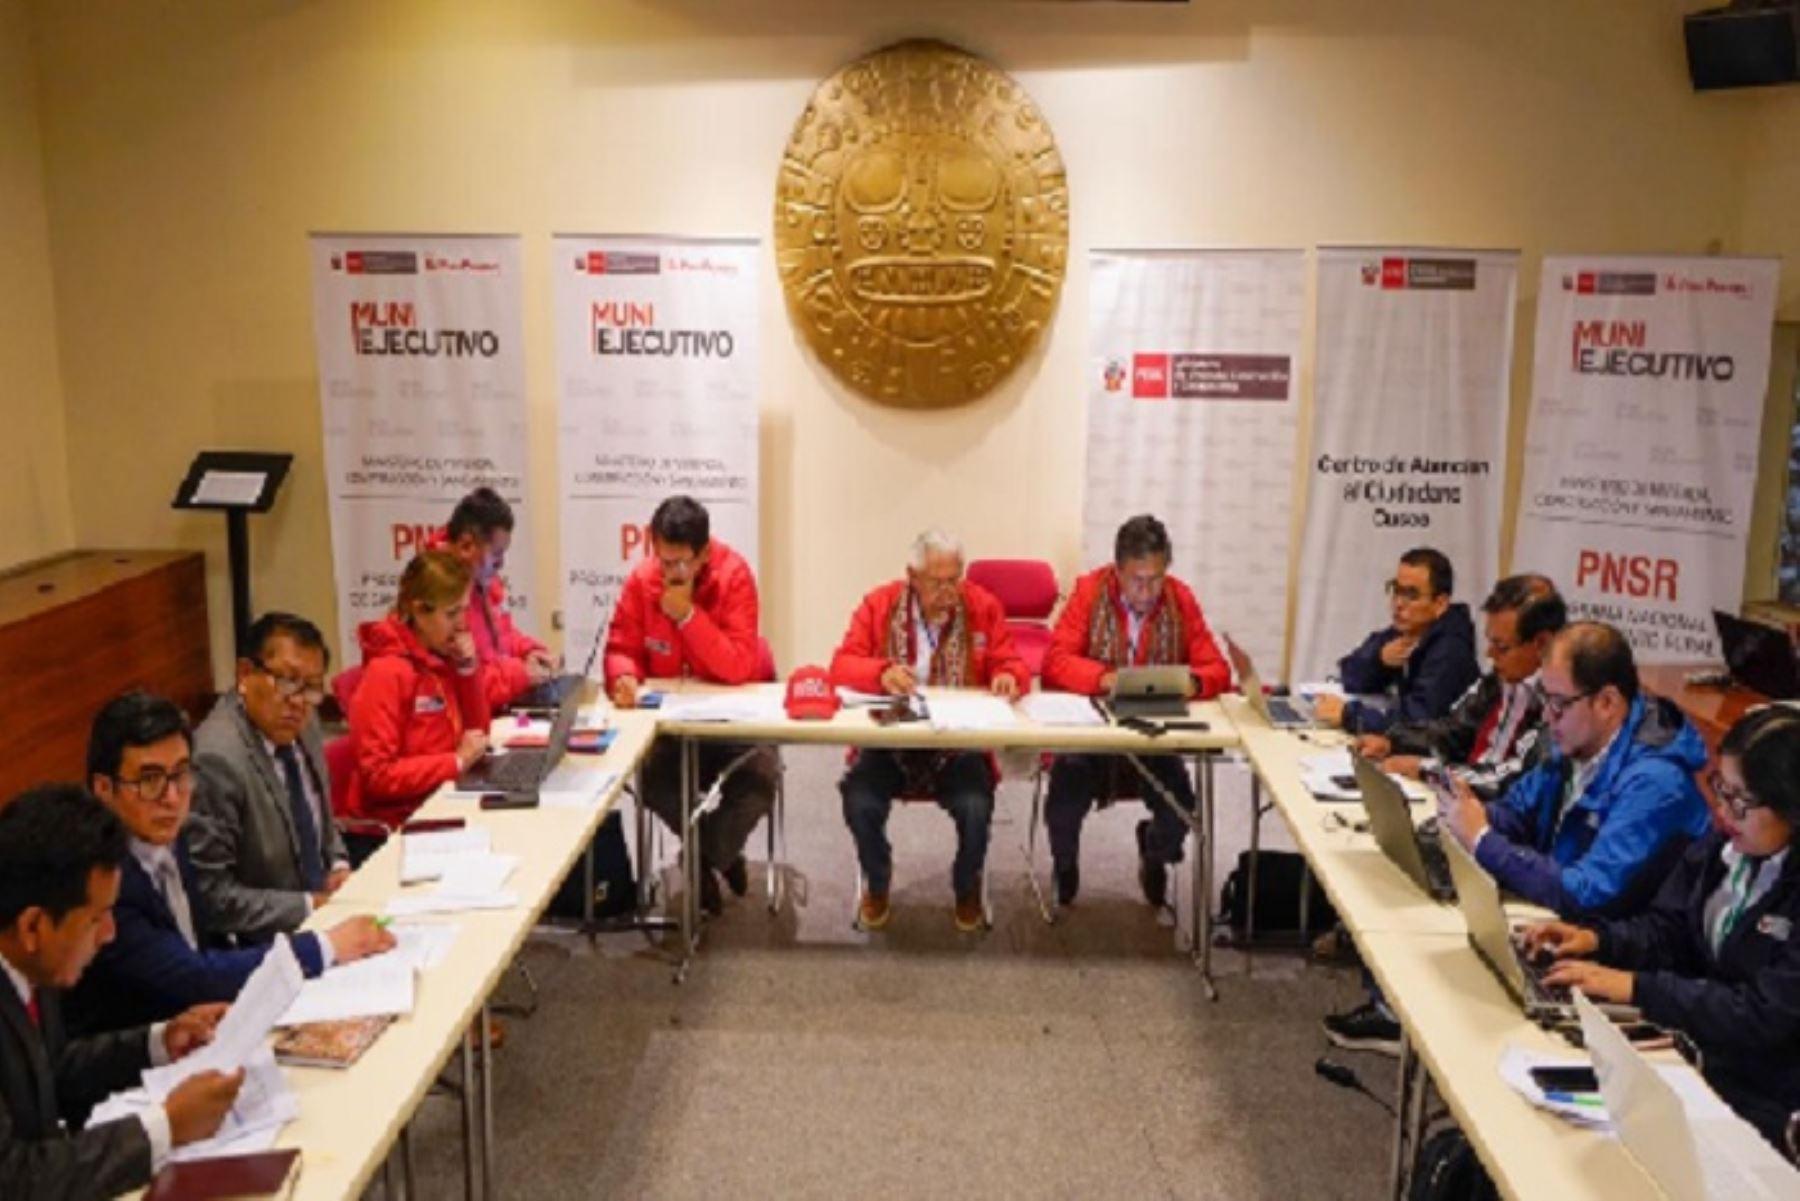 El Ministerio de Vivienda, Construcción y Saneamiento (MVCS) transfirió S/ 83.6 millones para la ejecución de 31 proyectos de saneamiento en la región Cusco, desde el 2018 hasta la fecha. Ya está concluidas 13 obras, 11 en ejecución y 6 por iniciar.